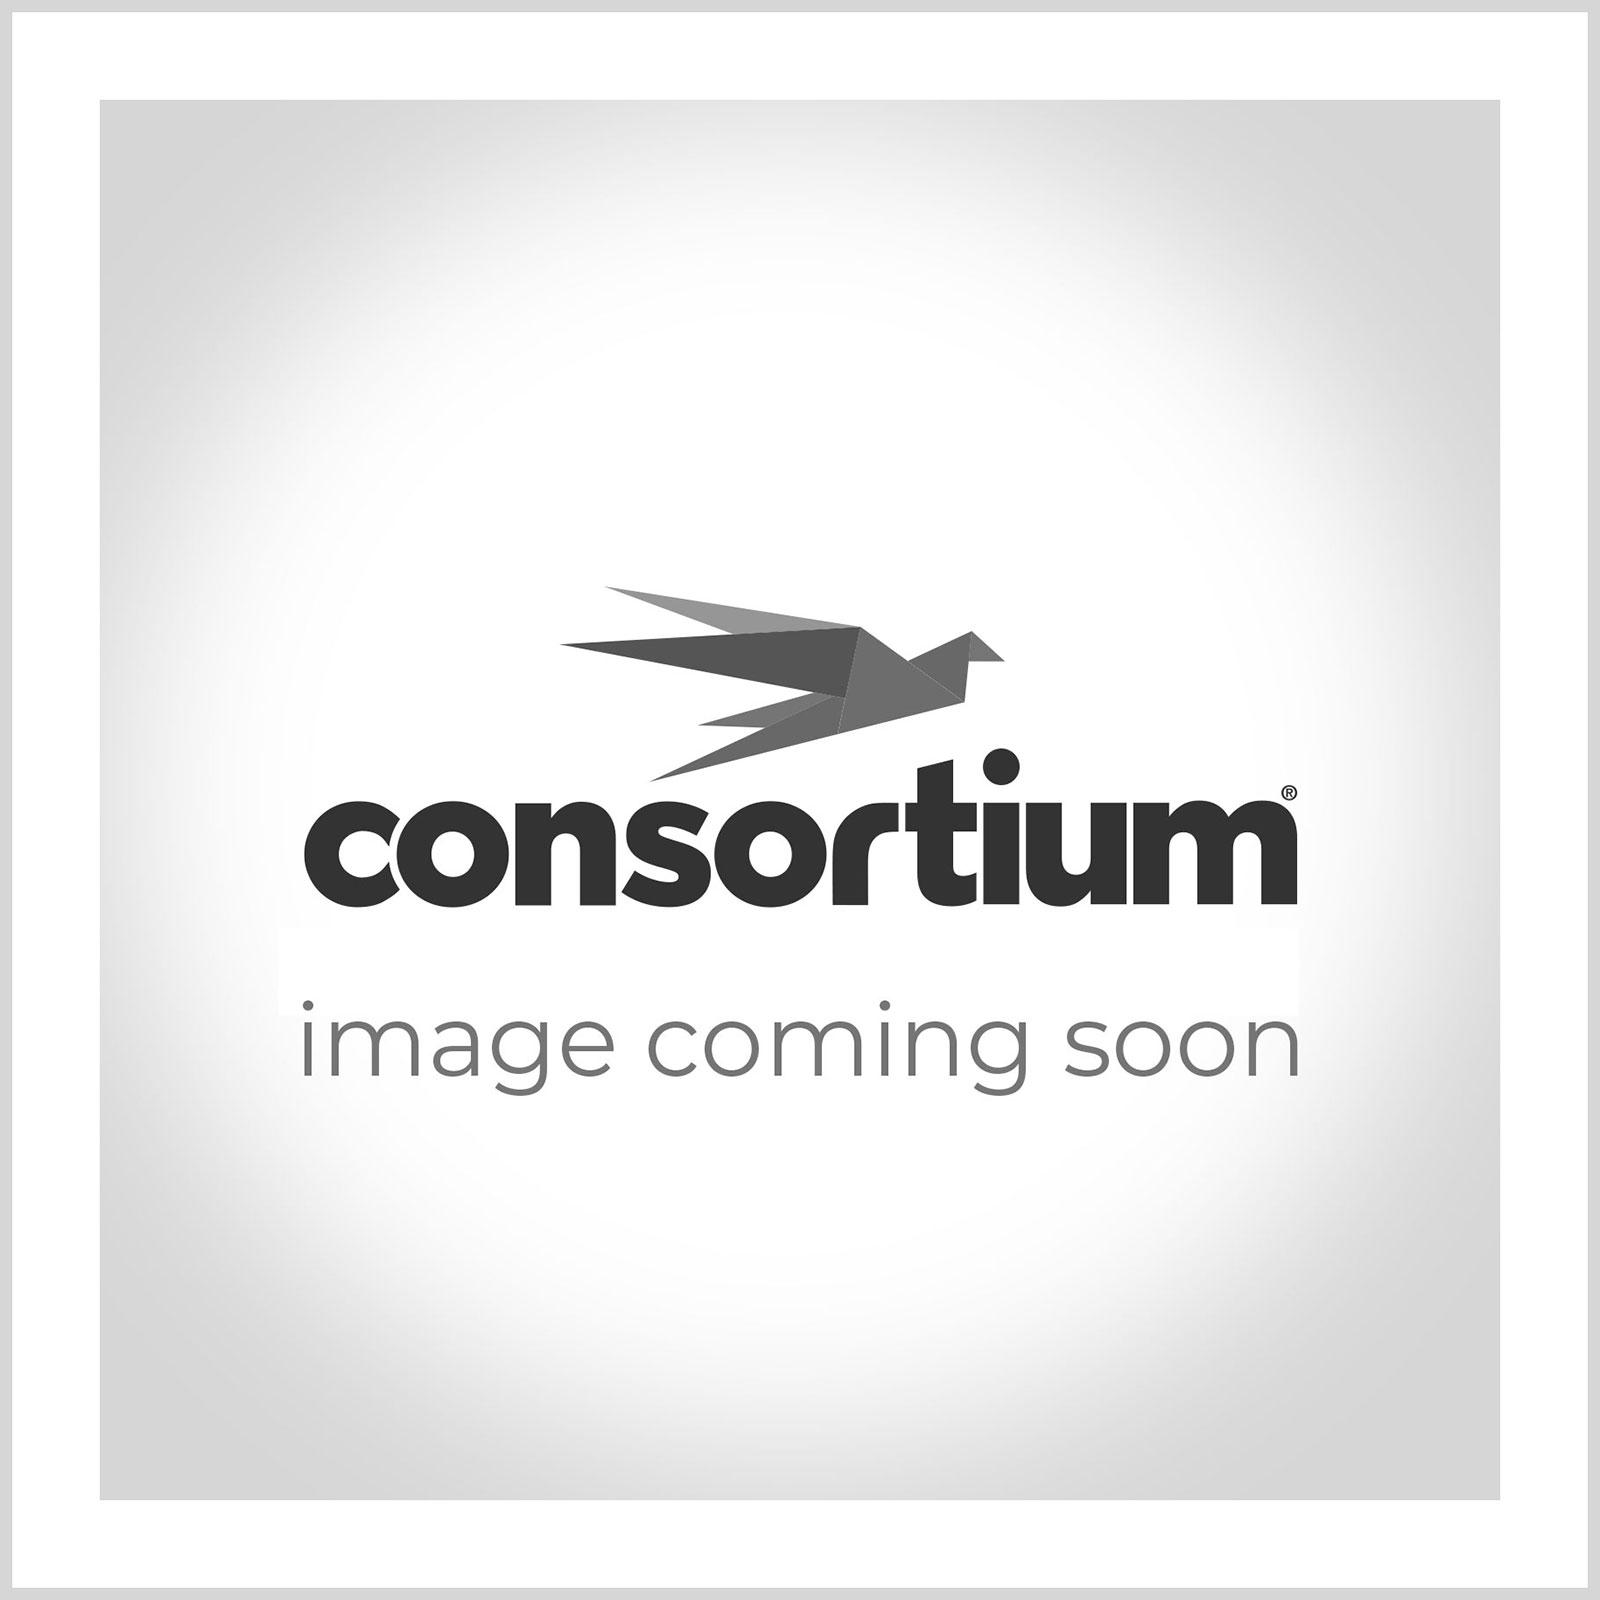 Dementia Activities - View now